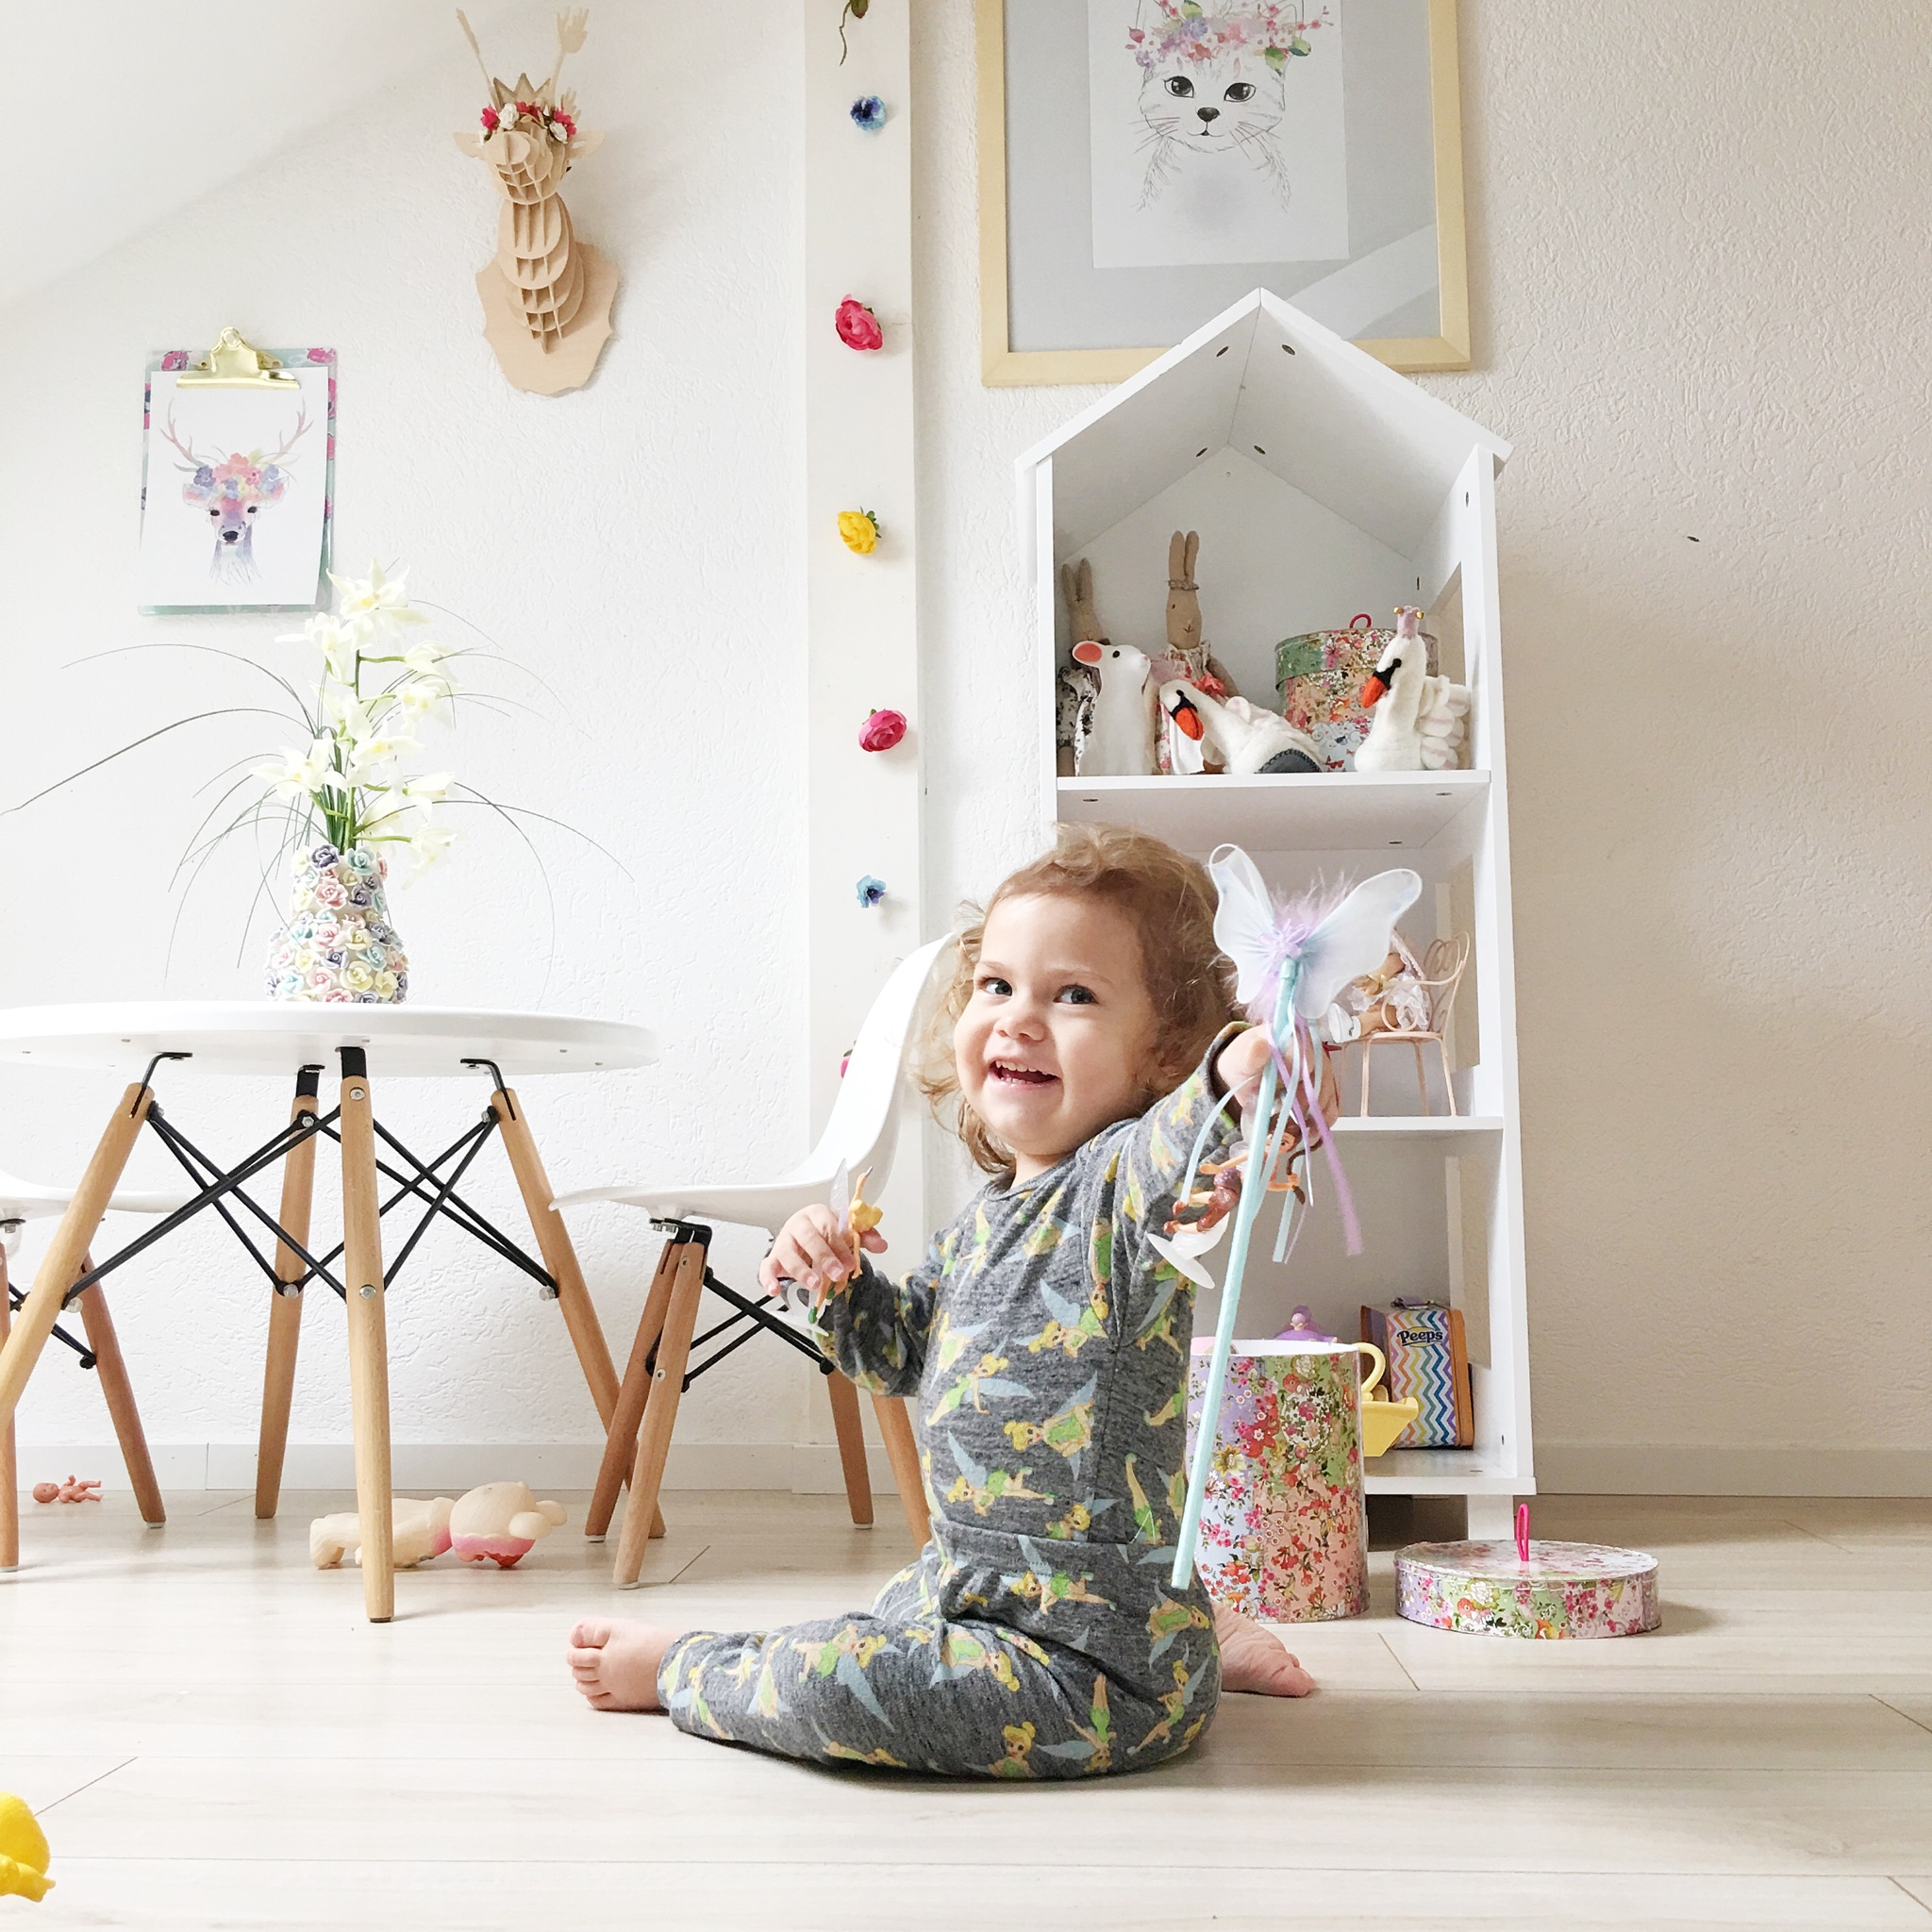 mit liebe zum detail mambru mum zeigt uns die zimmer ihrer kinder lukas und nina mytwodots. Black Bedroom Furniture Sets. Home Design Ideas